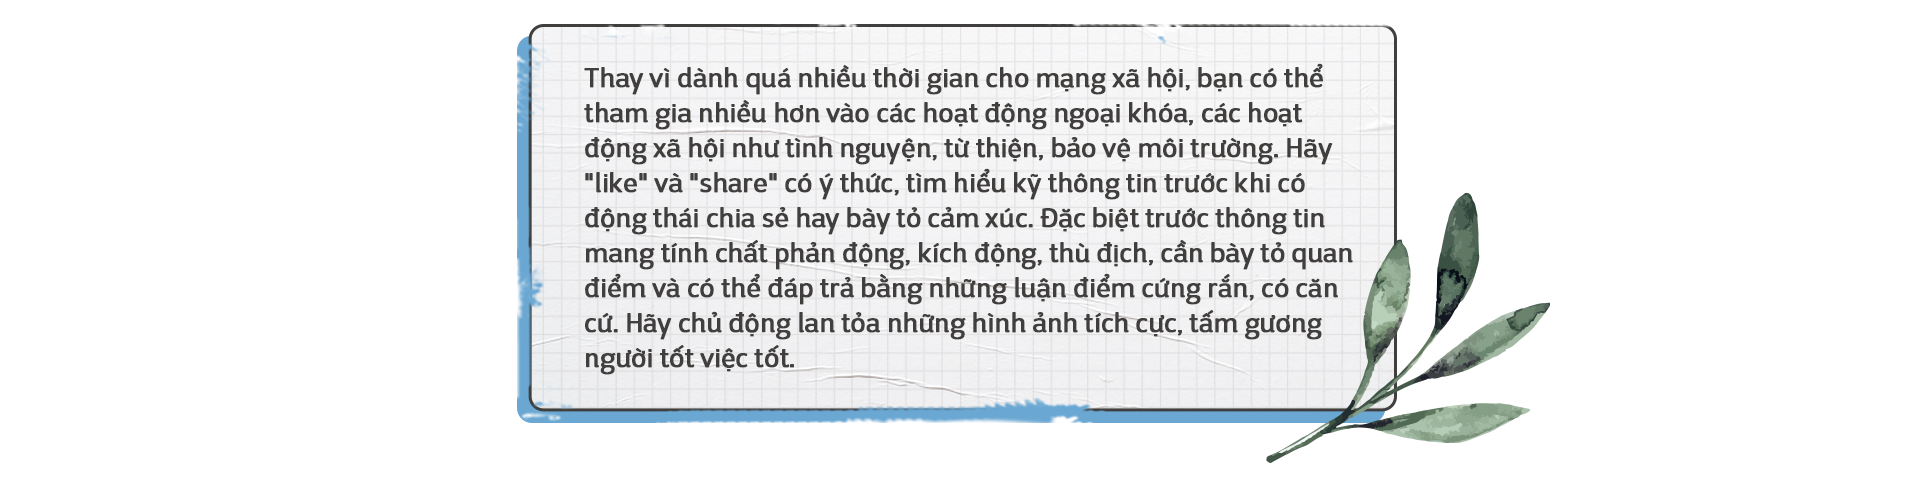 Những câu chuyện nóng hổi tạo trend trong giới trẻ Việt 2019 - Ảnh 30.